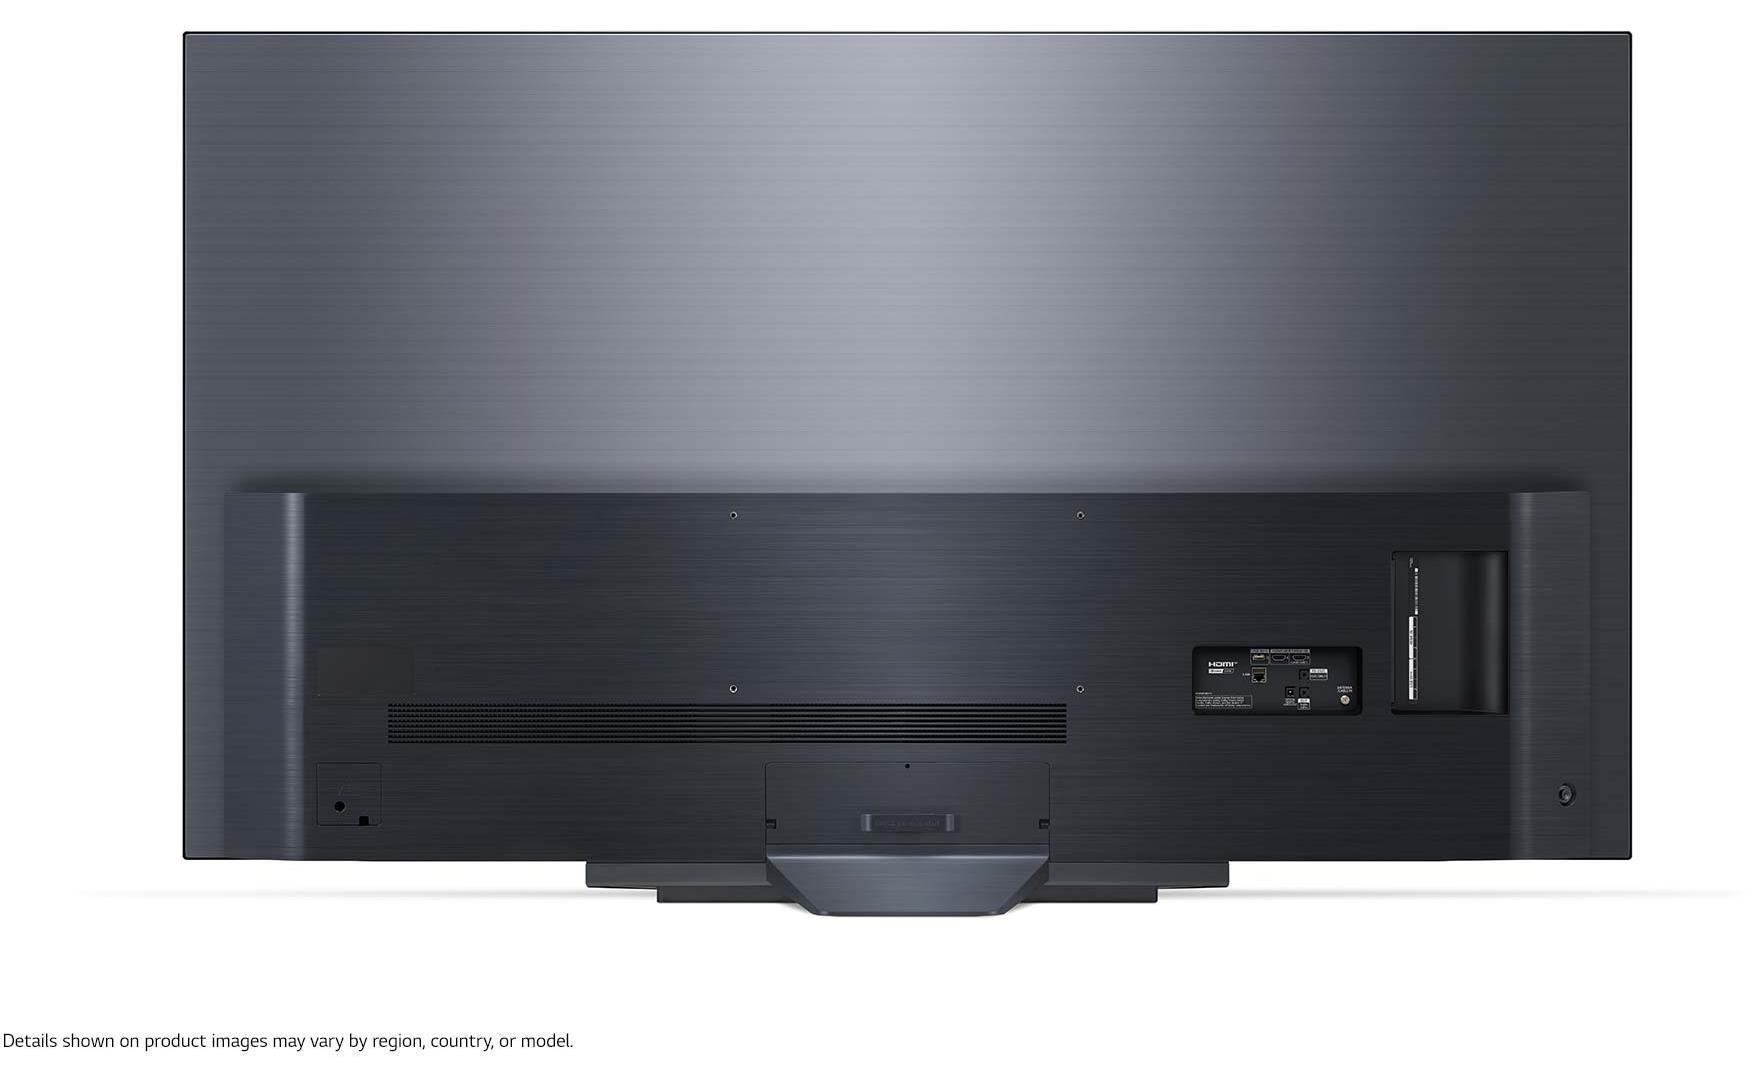 טלוויזיה 55 אינץ' דגם OLED 55B16LA/PVA  בטכנולוגיית LG OLED 4K Ultra HD אל ג'י - תמונה 7